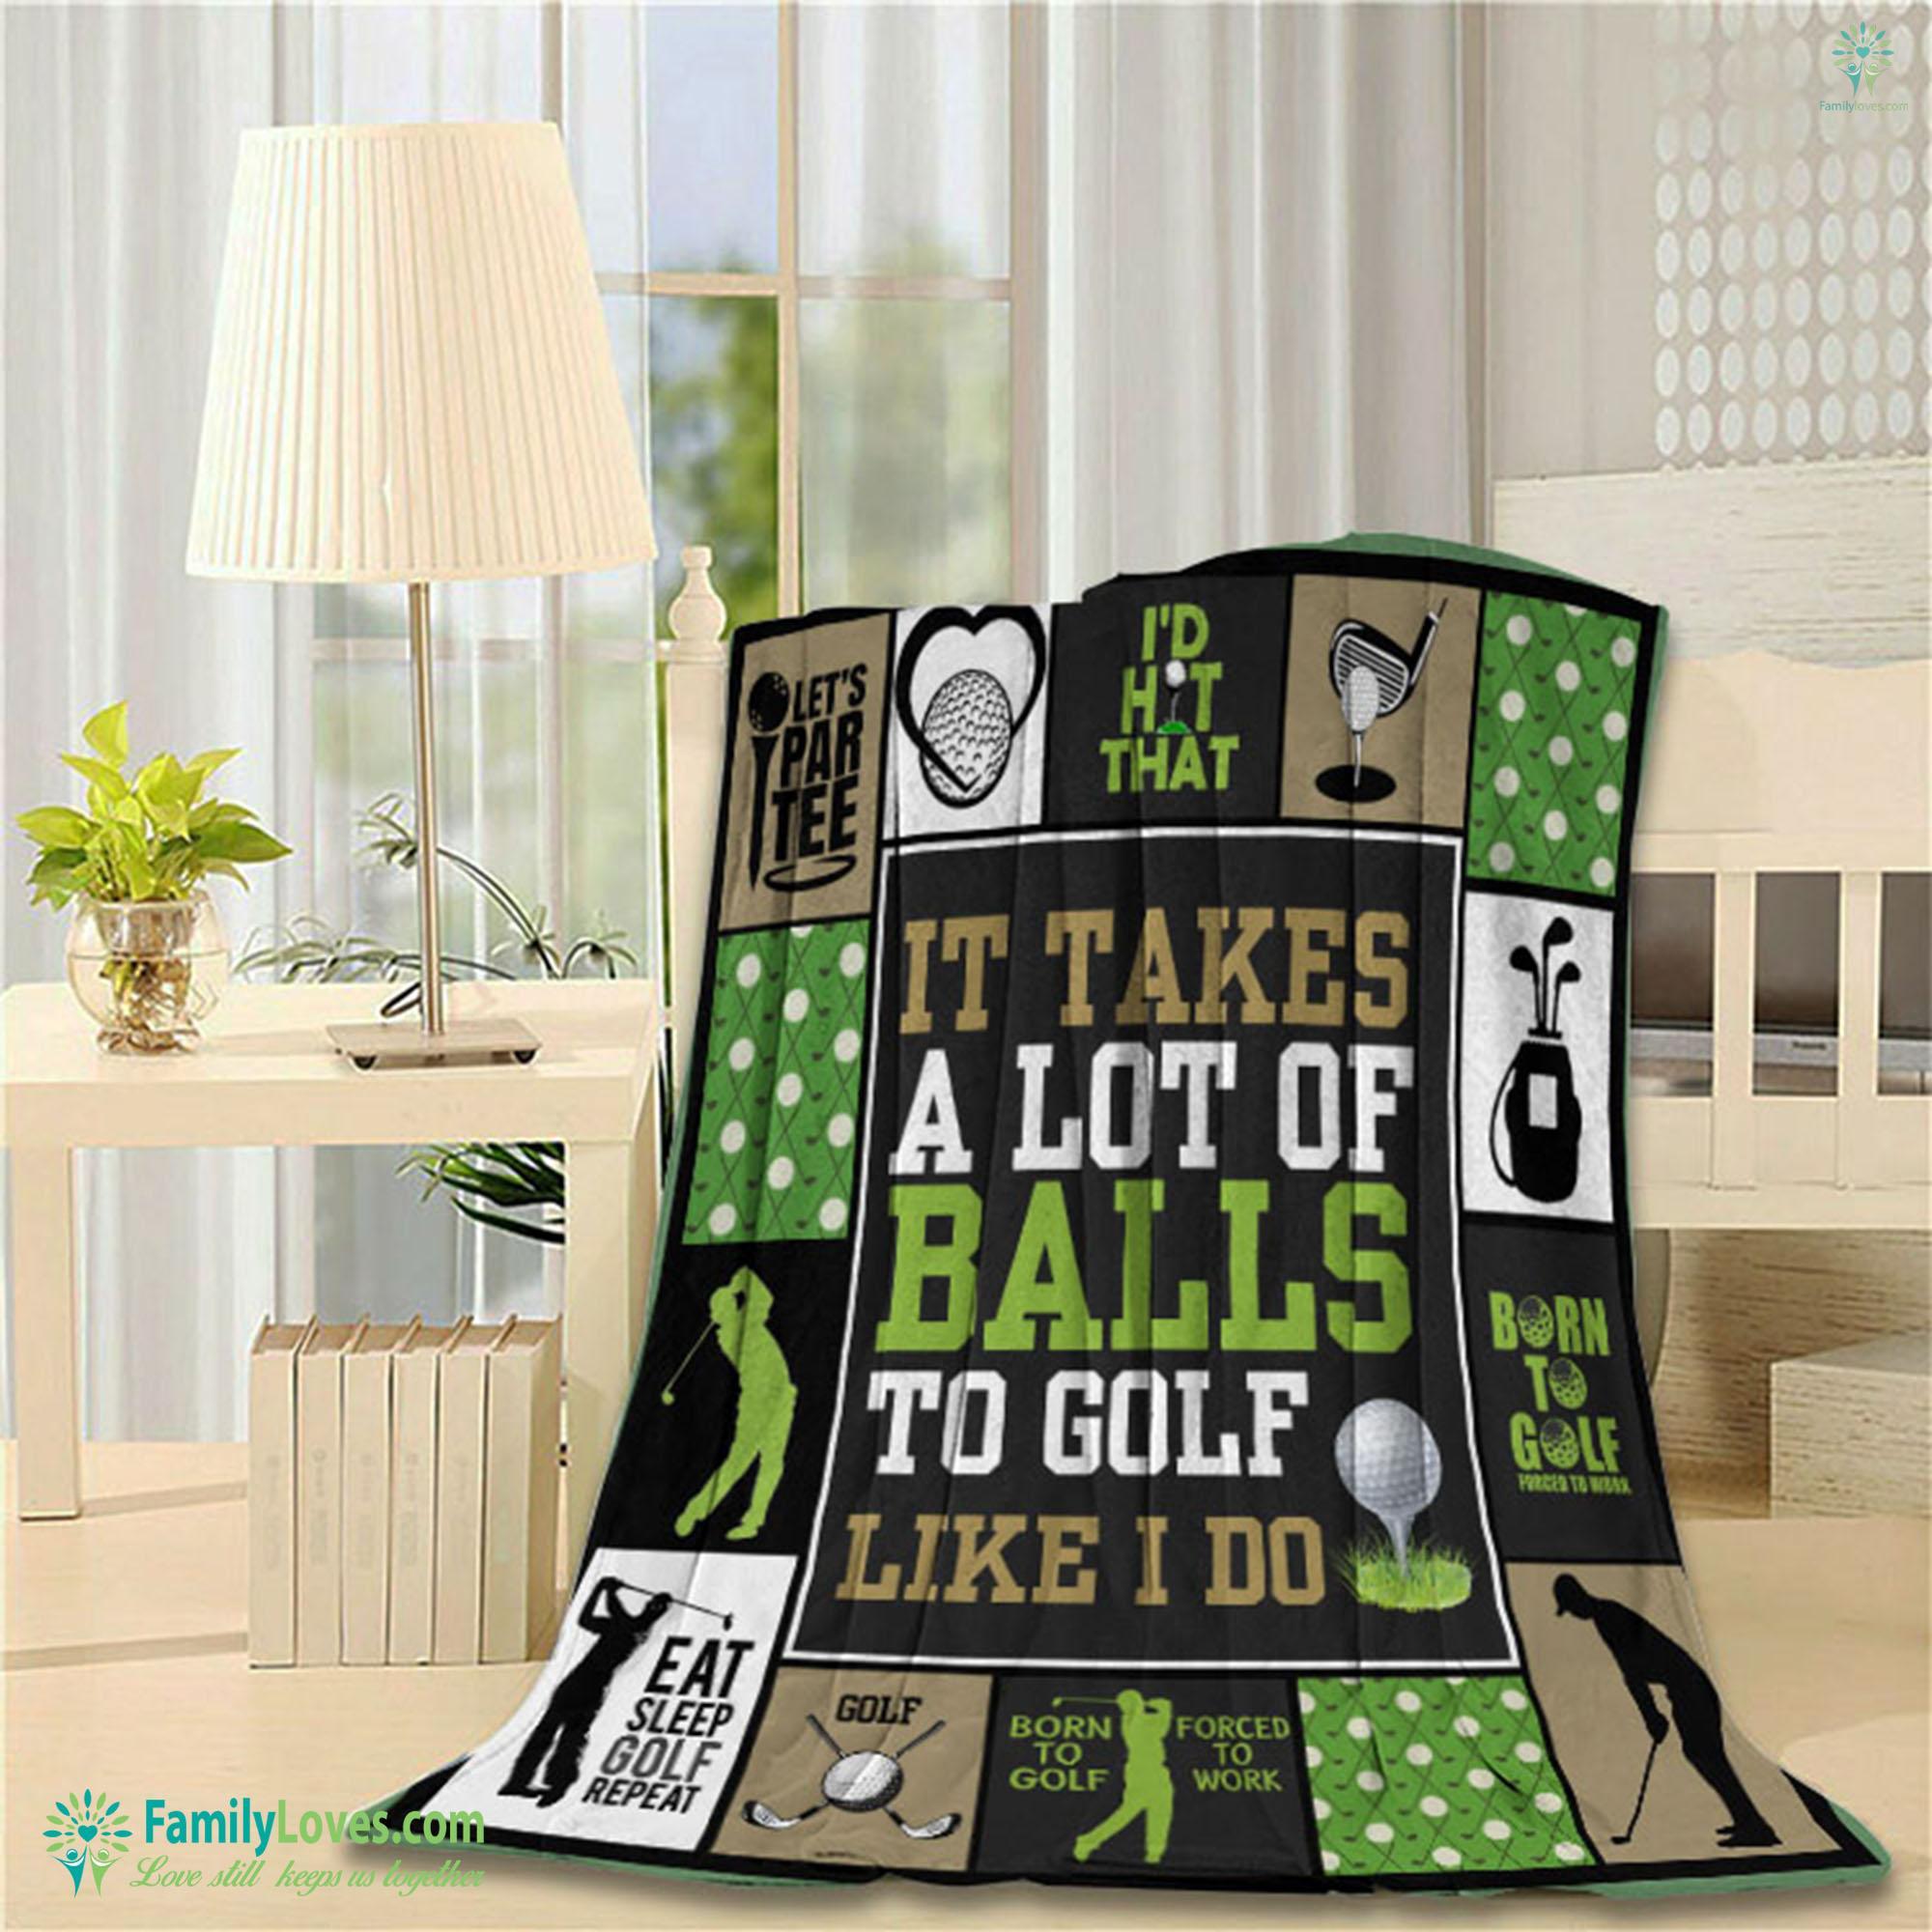 Golf Blanket 2 Familyloves.com